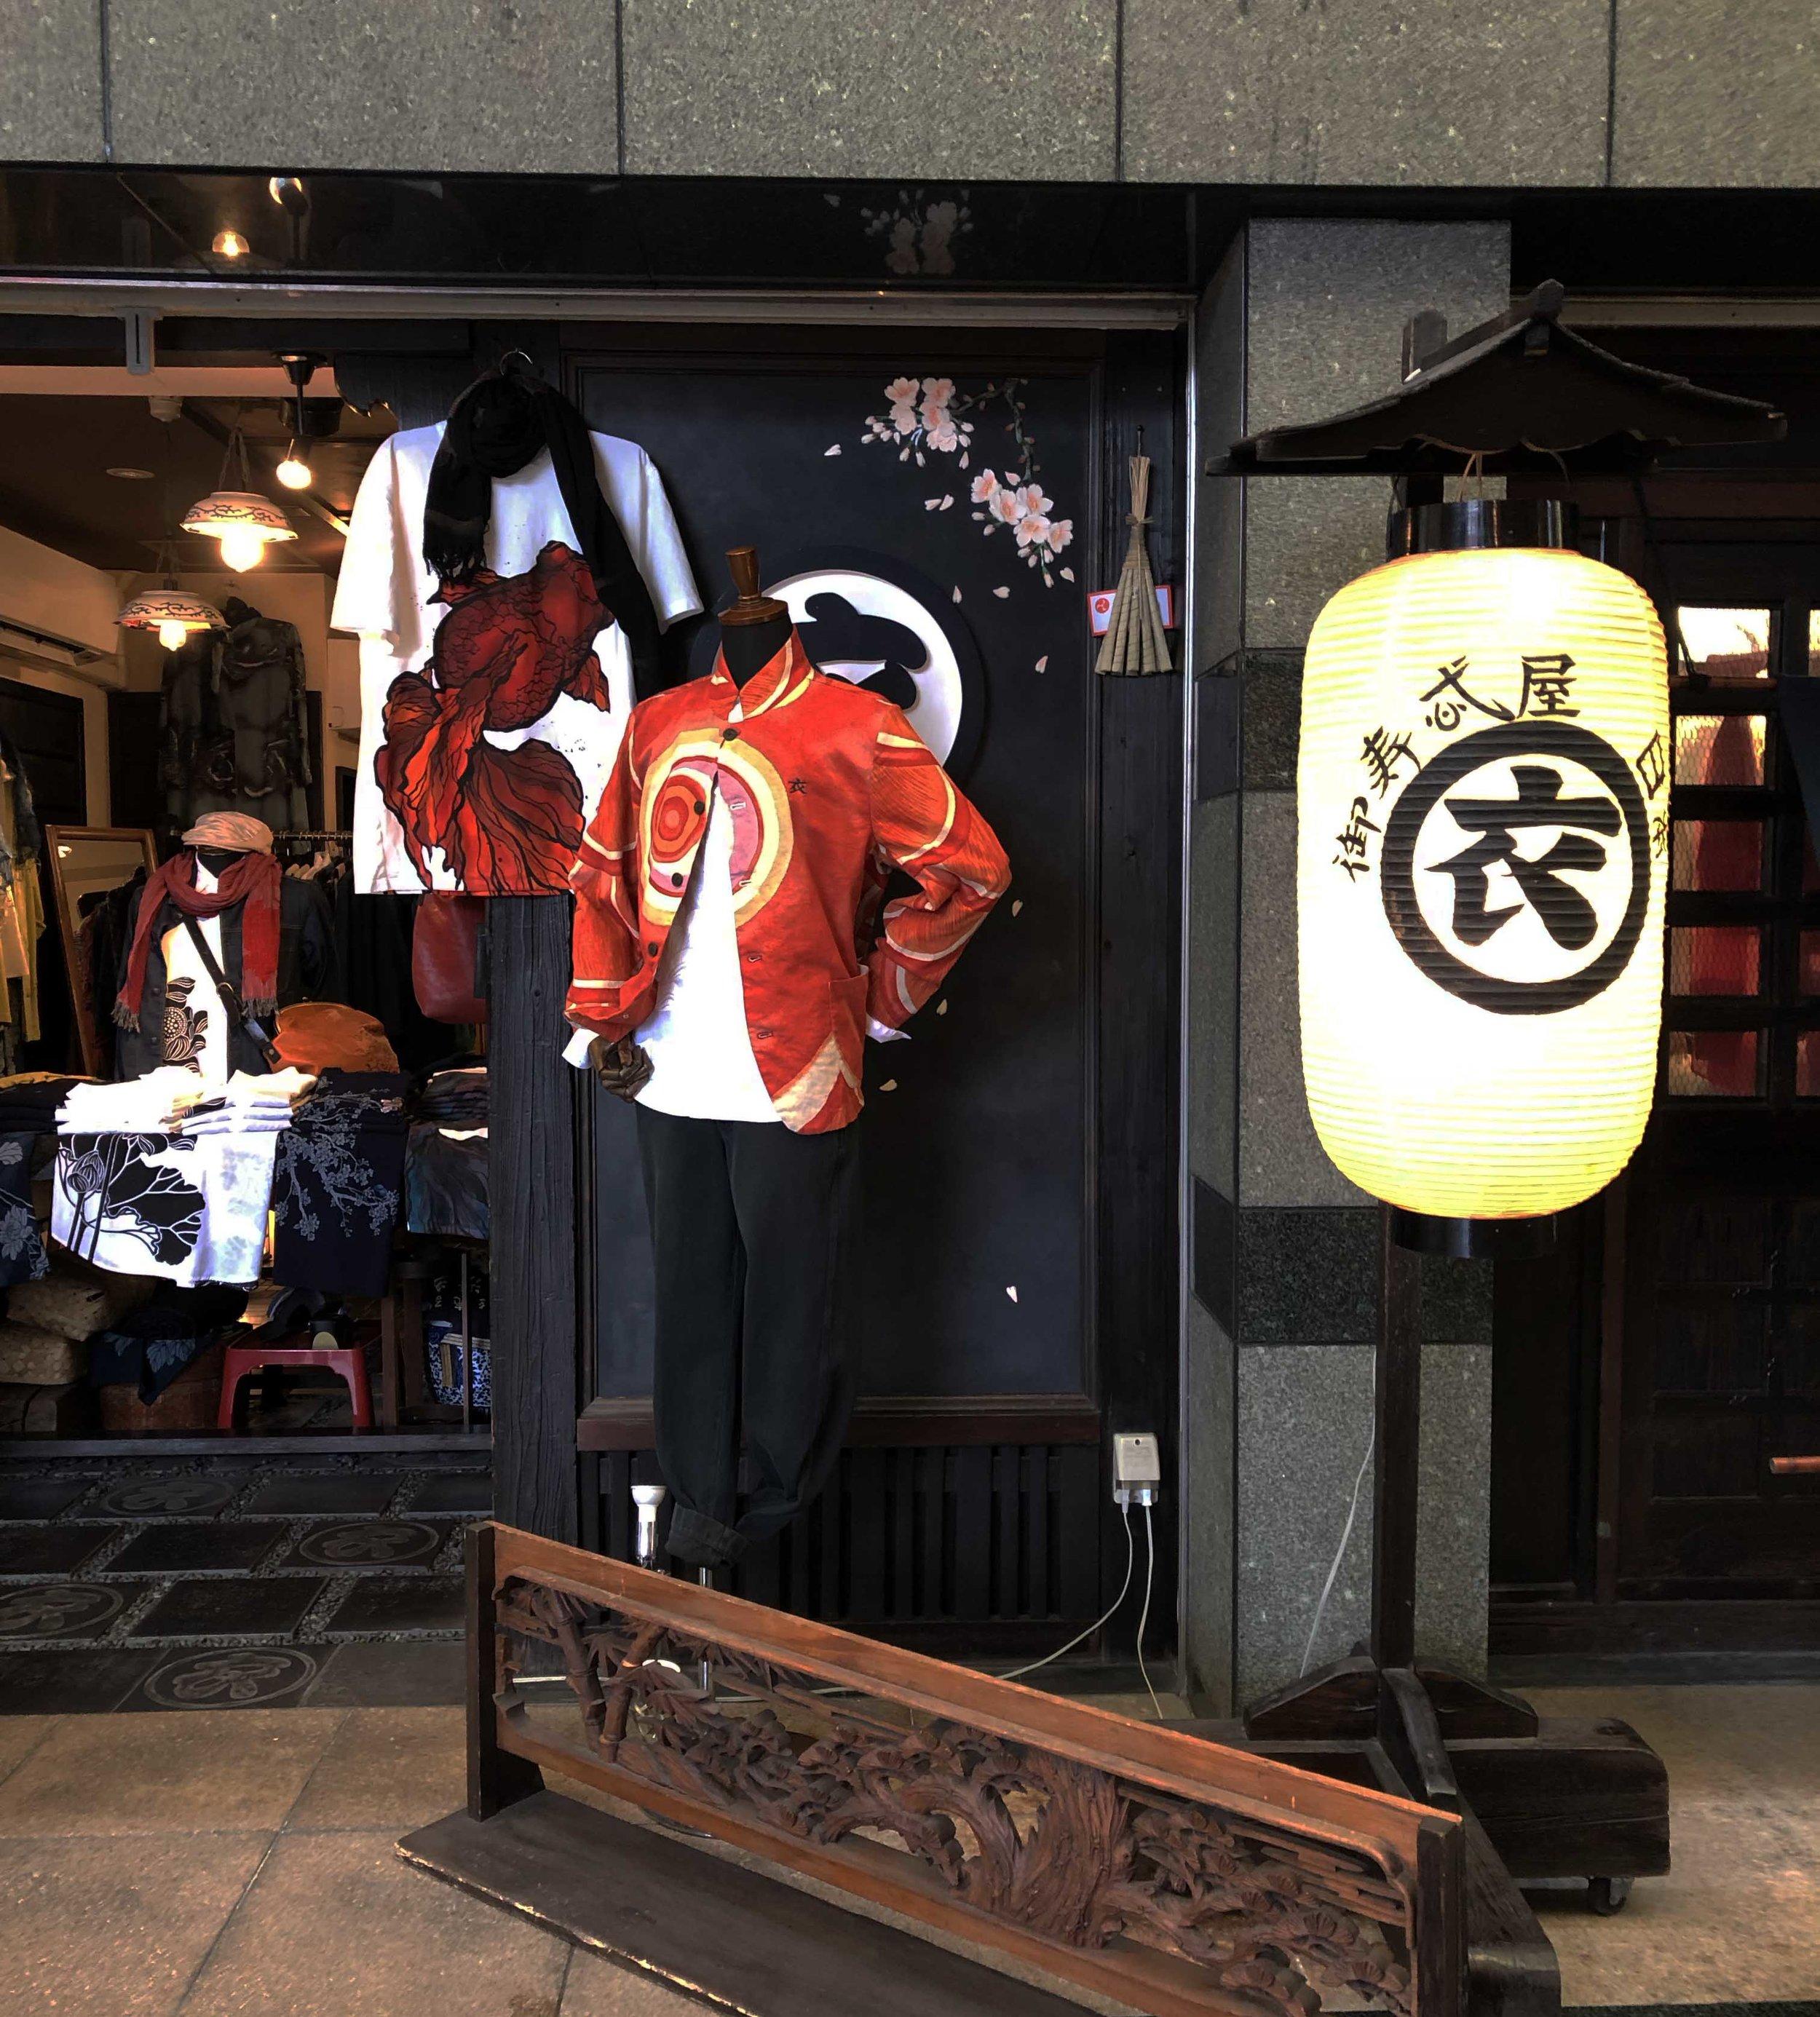 Japanese clothing store